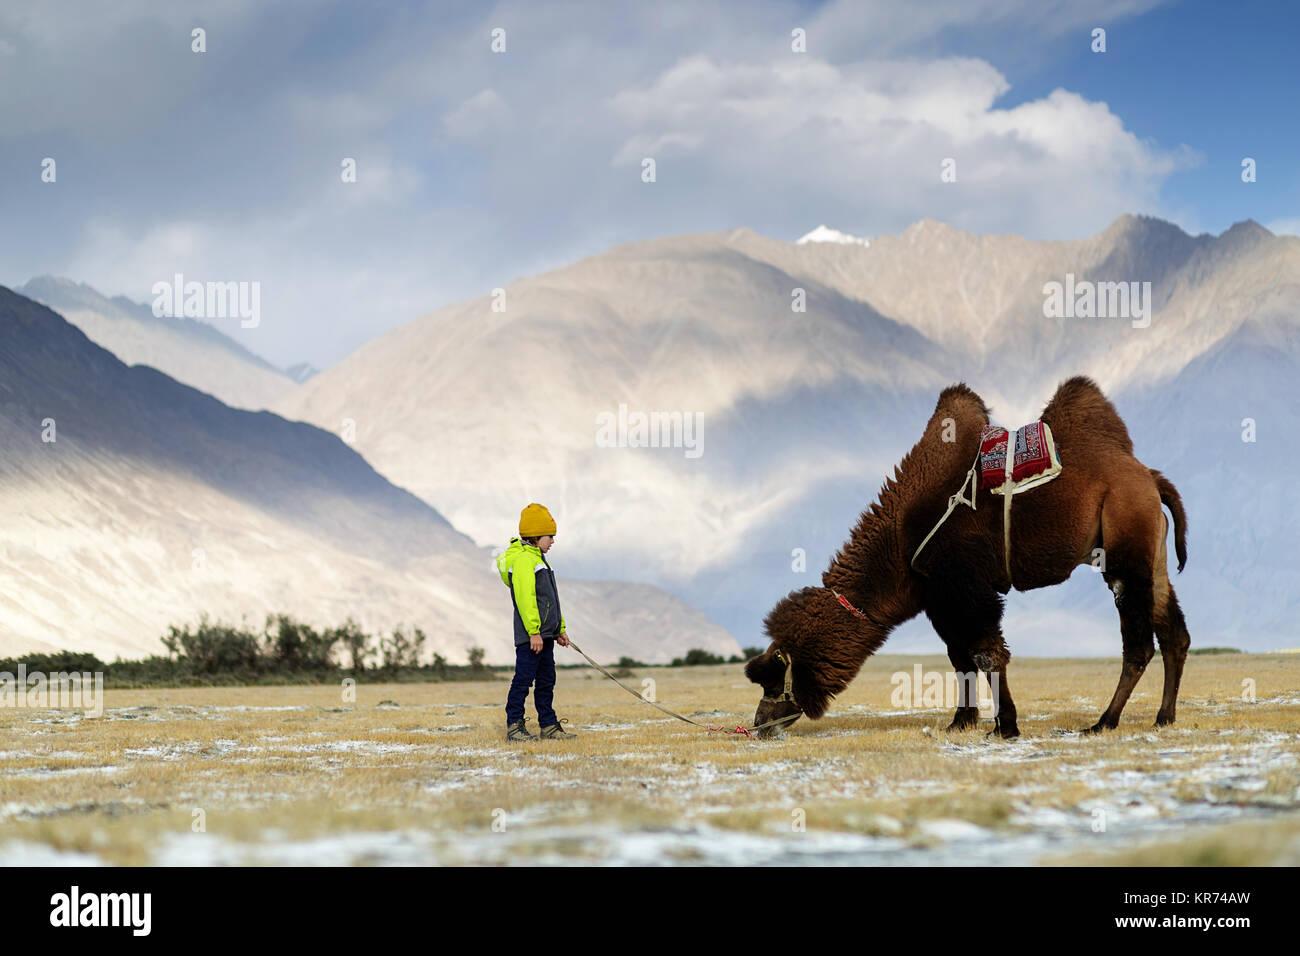 Joven muchacho occidental caballo doble joroba de camello y cruzar el desierto en el valle de Nubra, Ladakh, Jammu Imagen De Stock